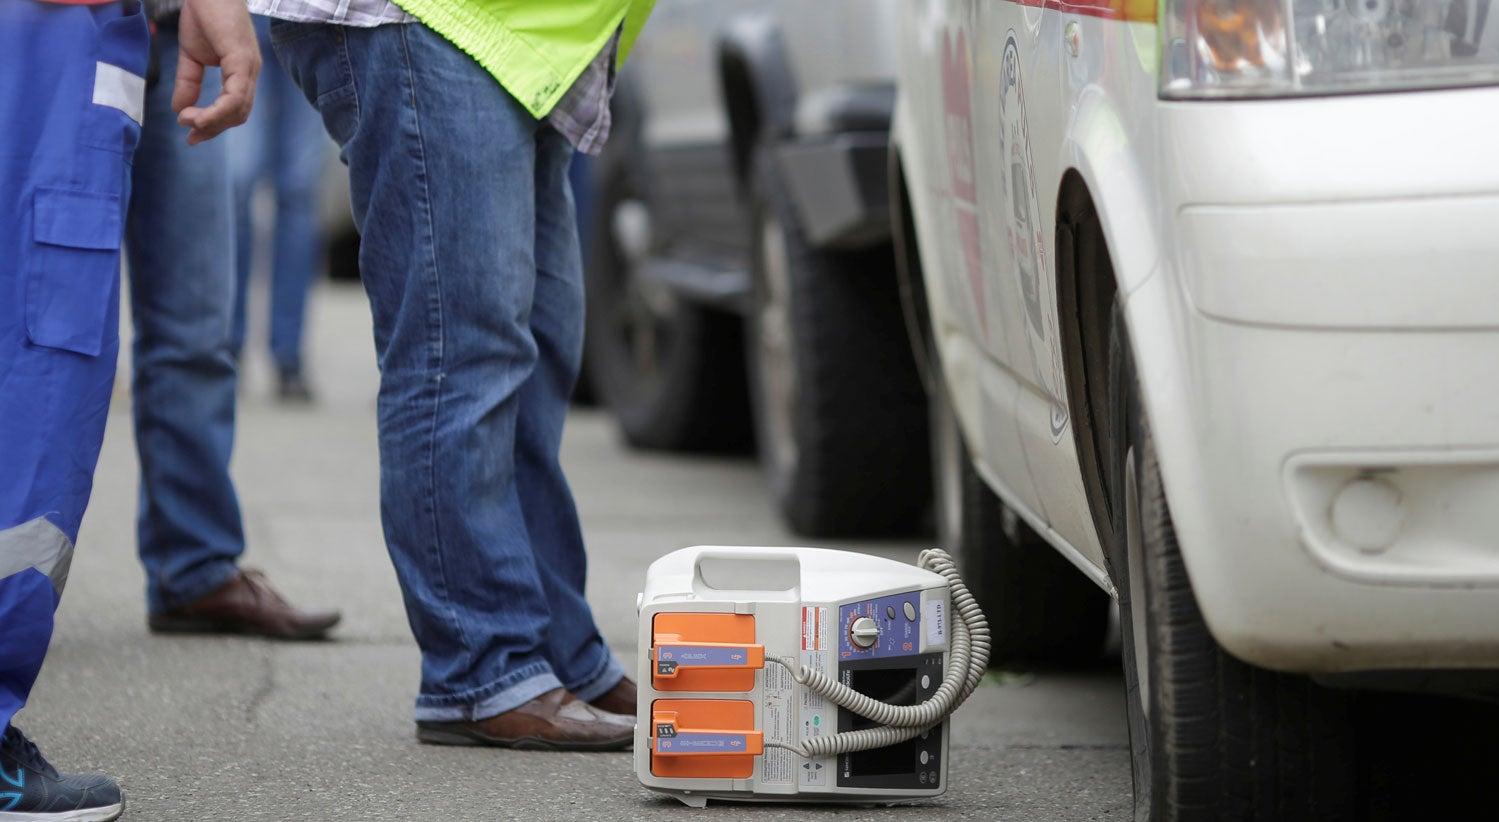 Novos condutores, alunos e forças de segurança devem estar formados para usar desfibrilhadores